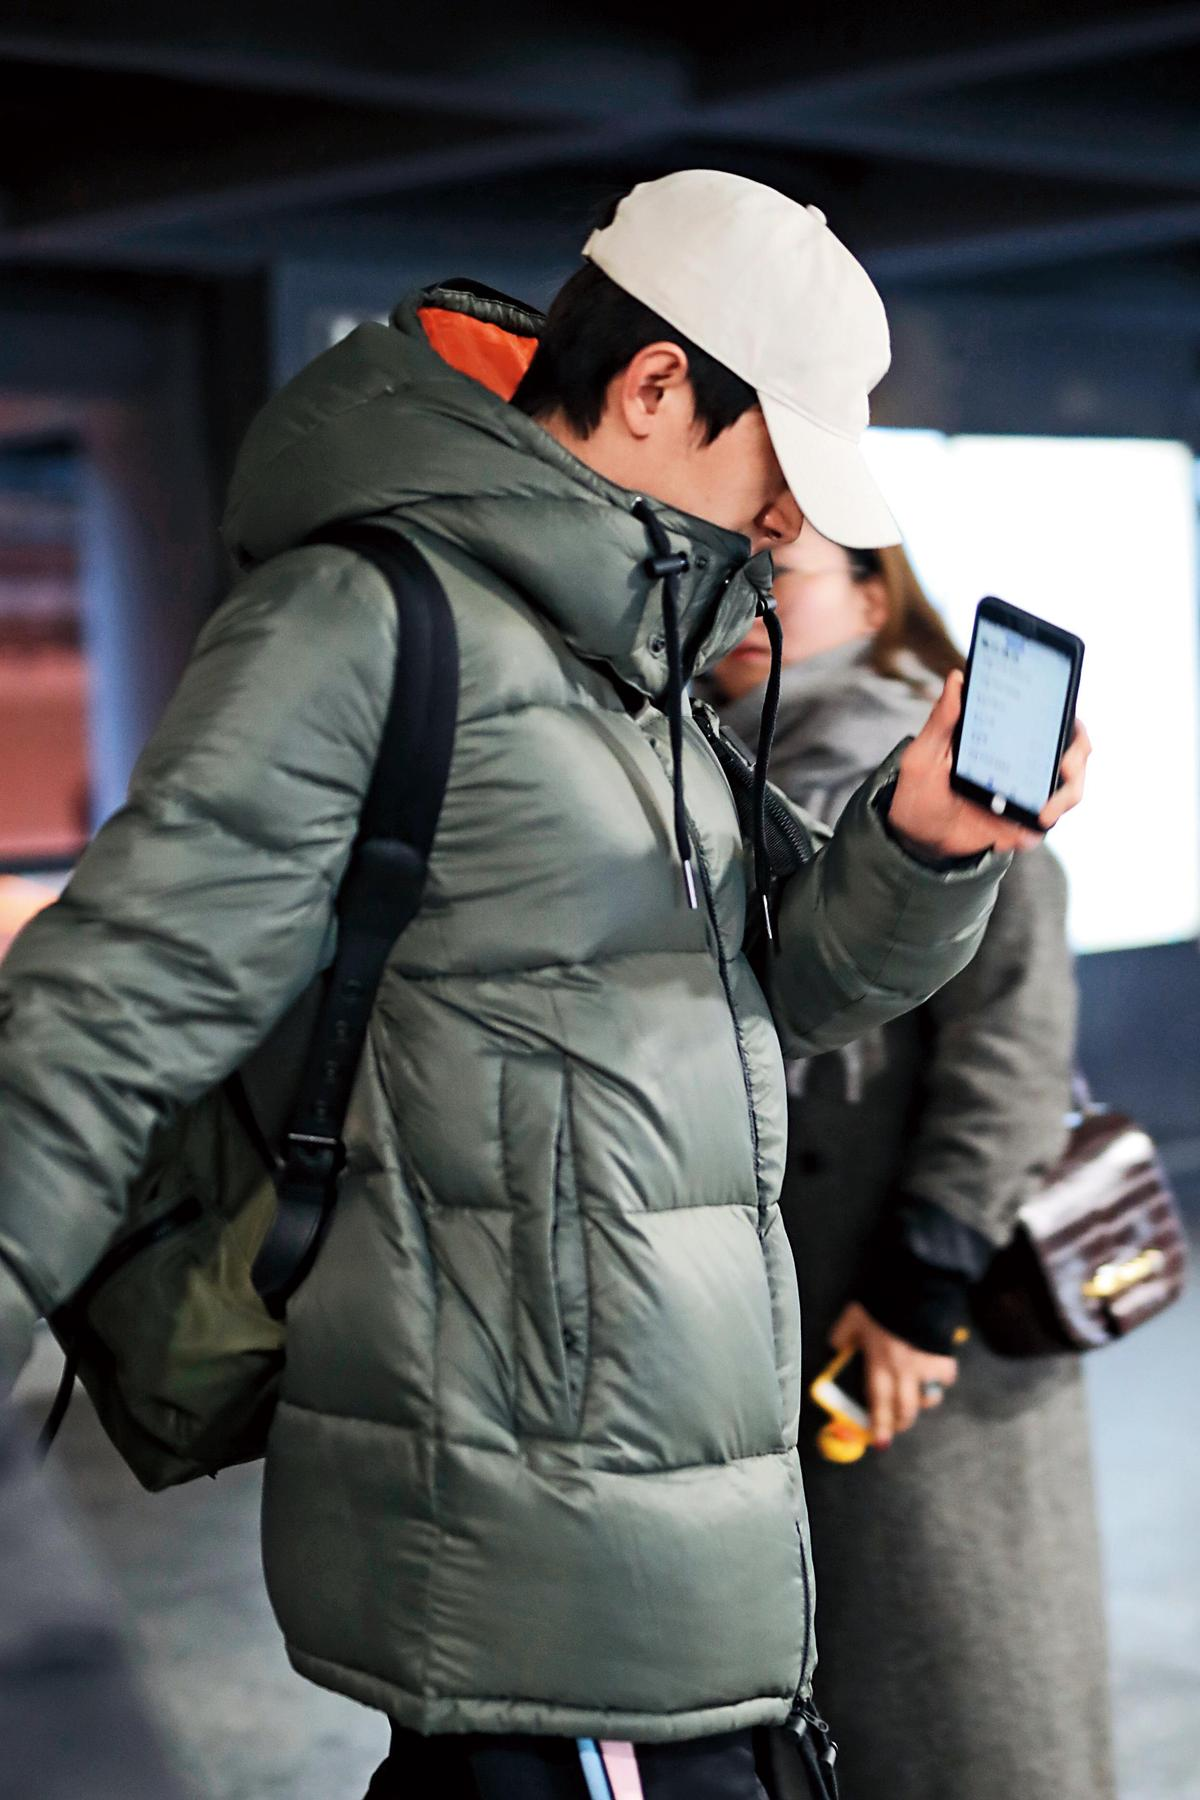 林更新出入機場時,被拍到持手機報平安,粉絲辦案說報平安的對象就是女友王麗坤。(東方IC)